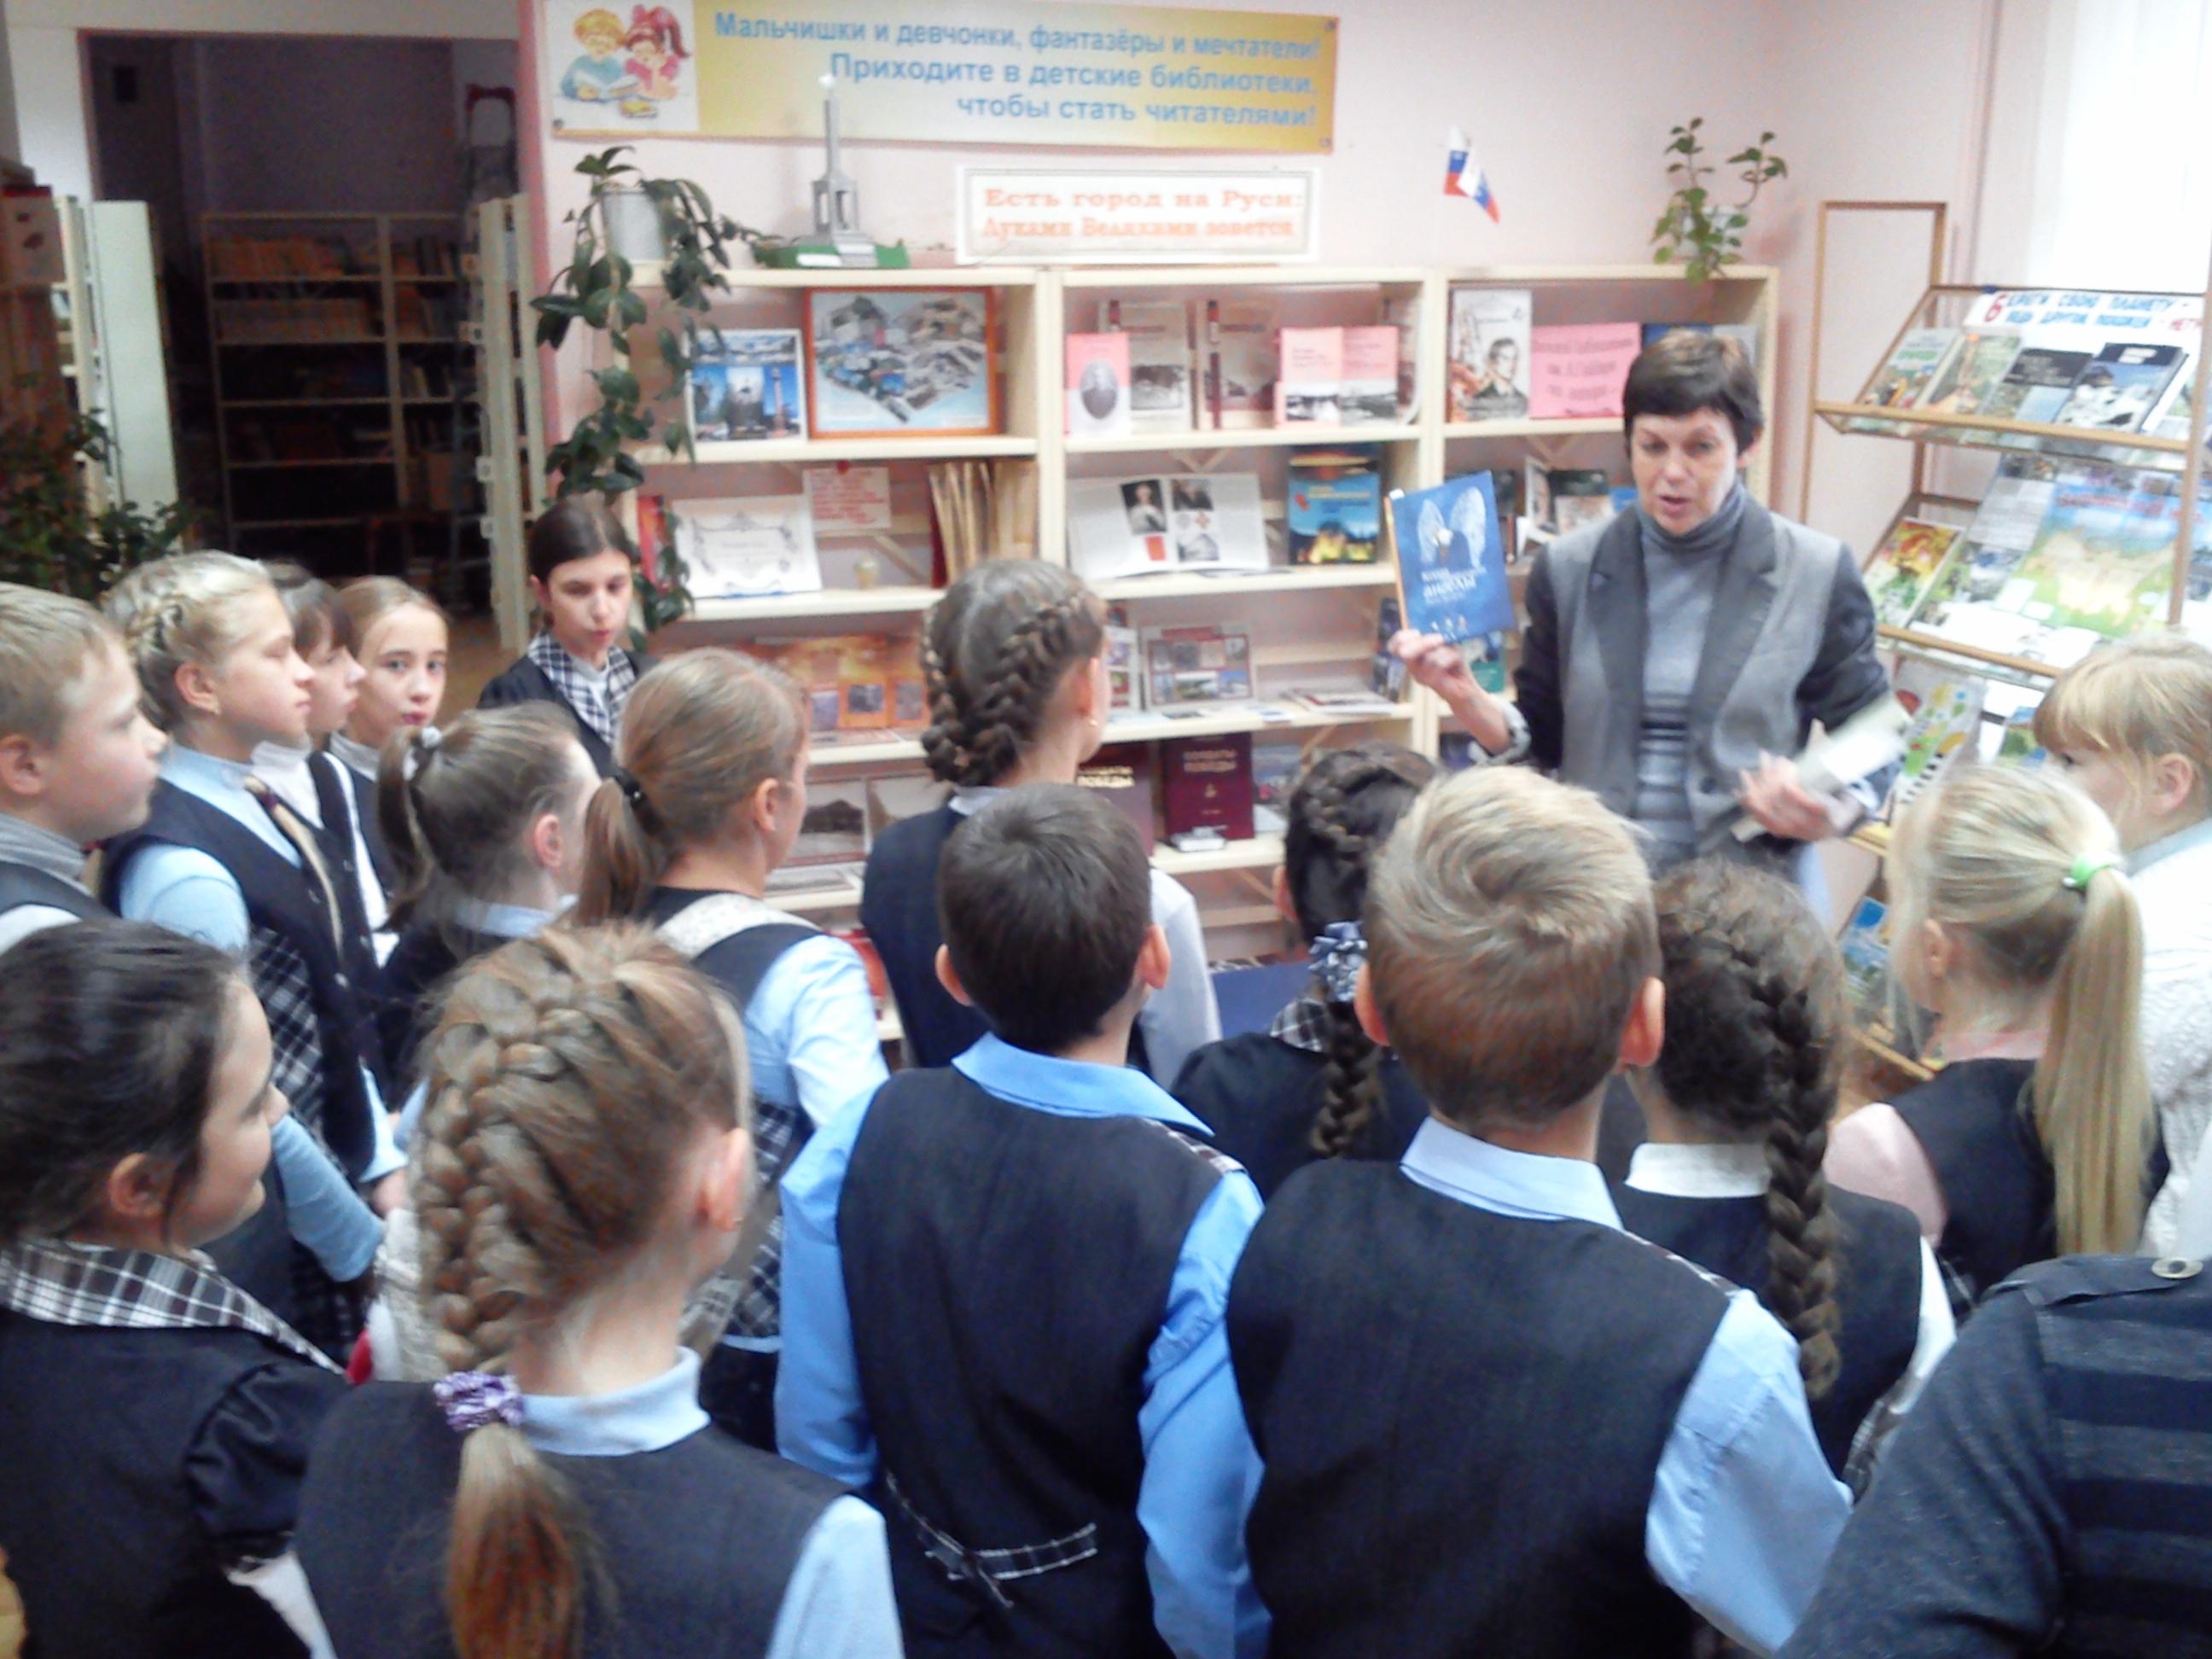 Картинки по запросу Центральная городская детская библиотека ИМ. А.П. Гайдара с книгами для самых маленьких